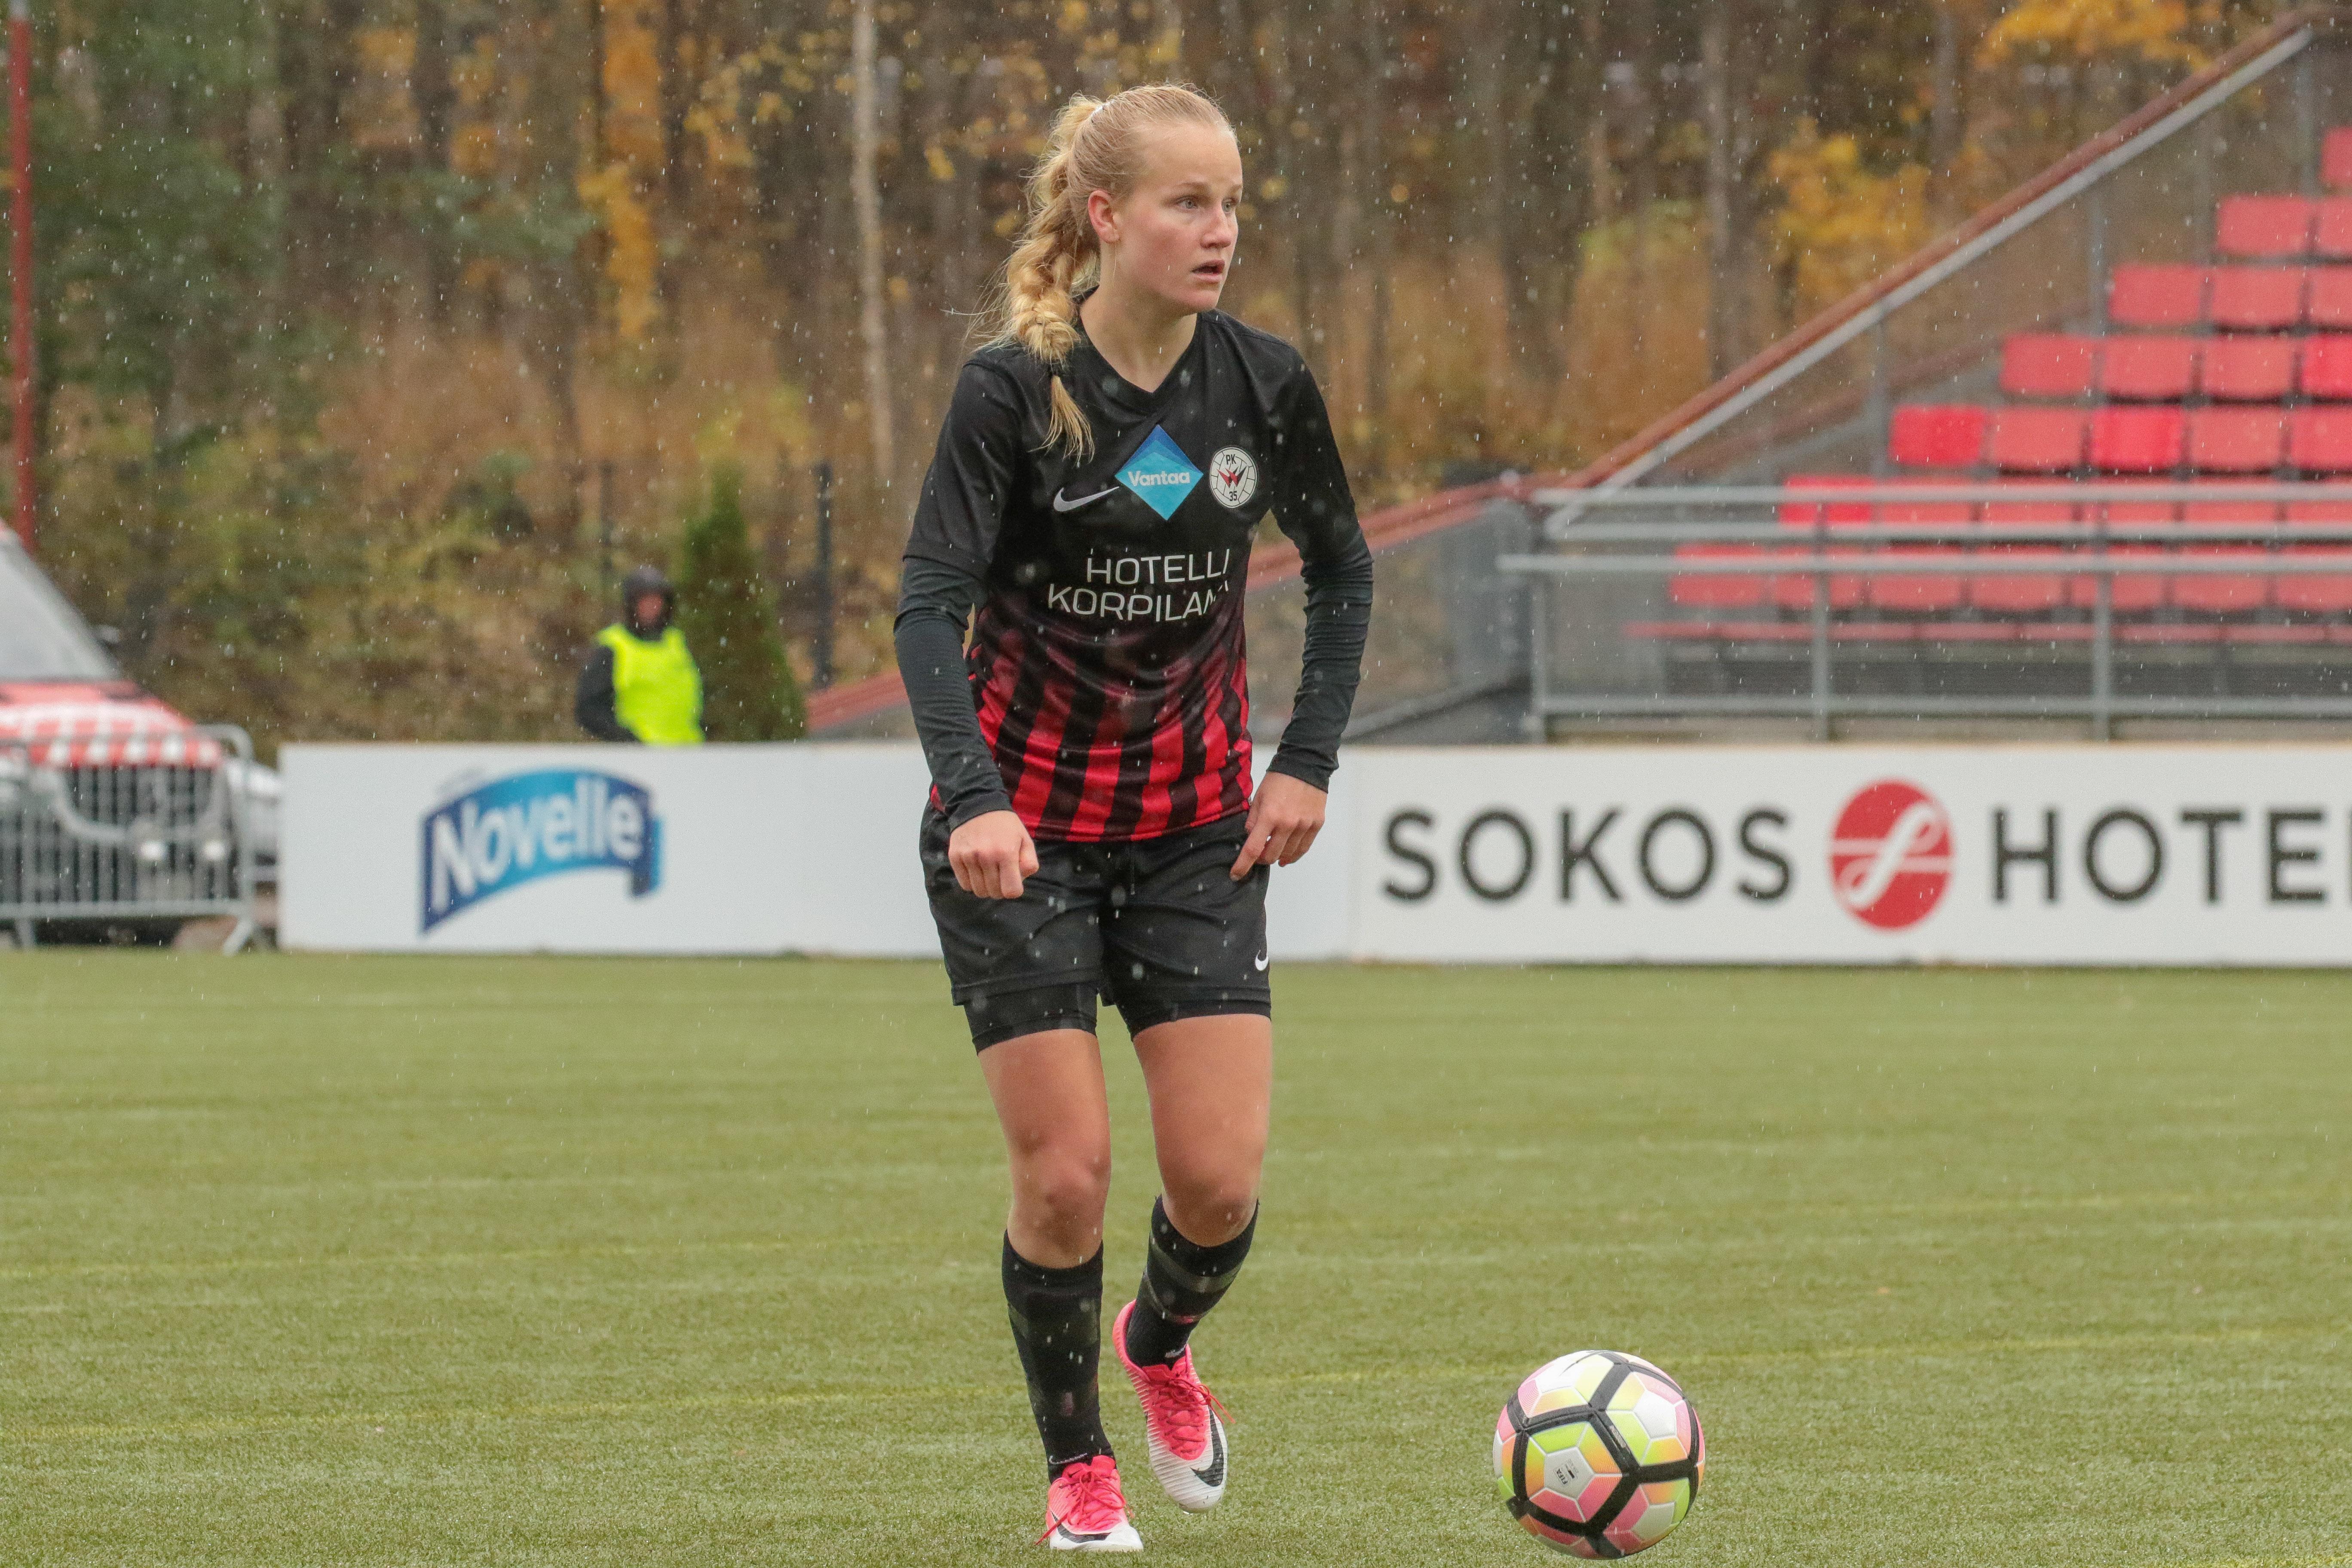 PK 35 Vantaa – HJK, 0 1, Respectr Suopmen Cup, 14.10.2017 70